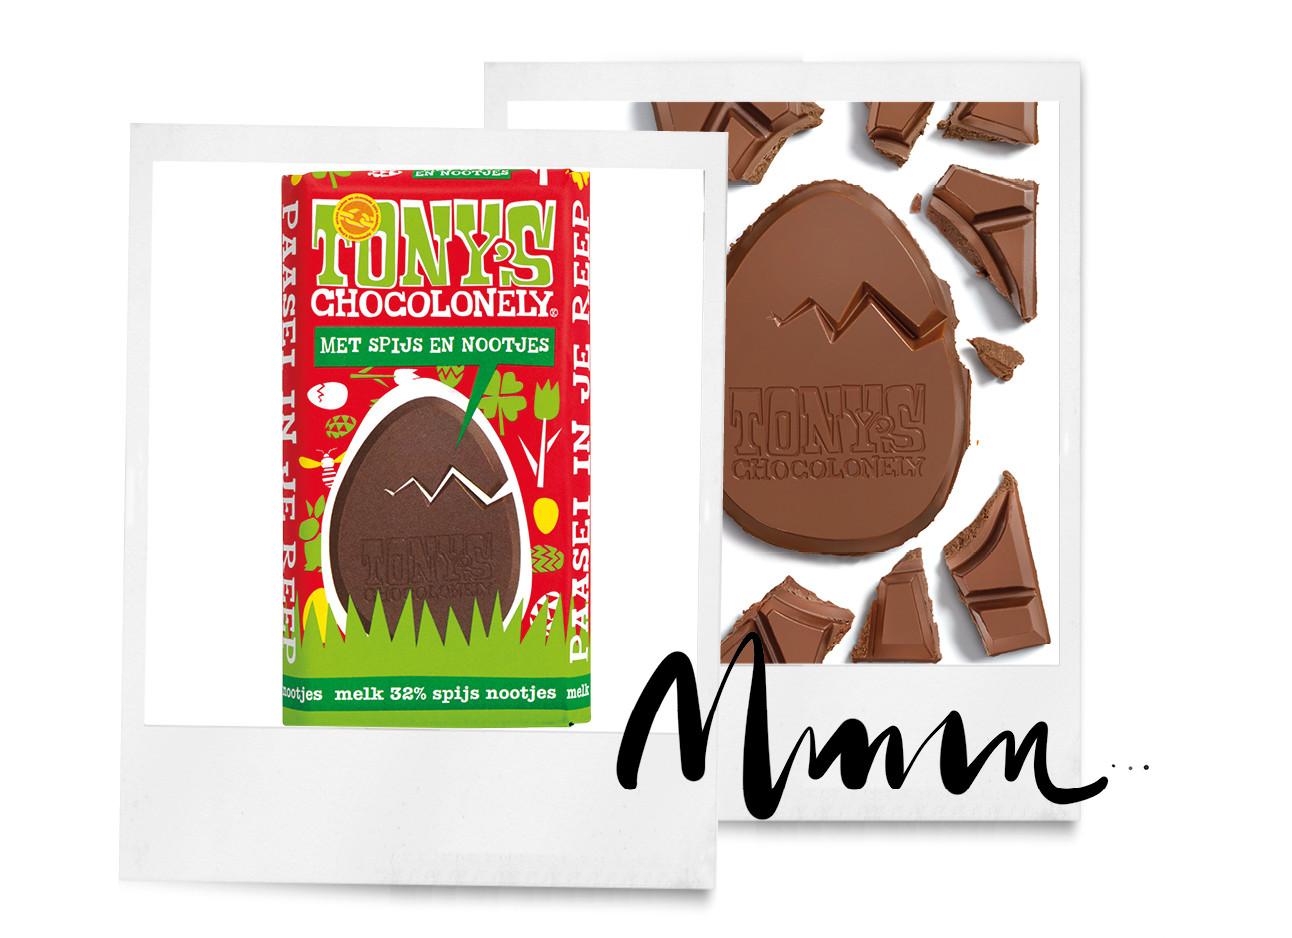 de chocolade reep van tony's